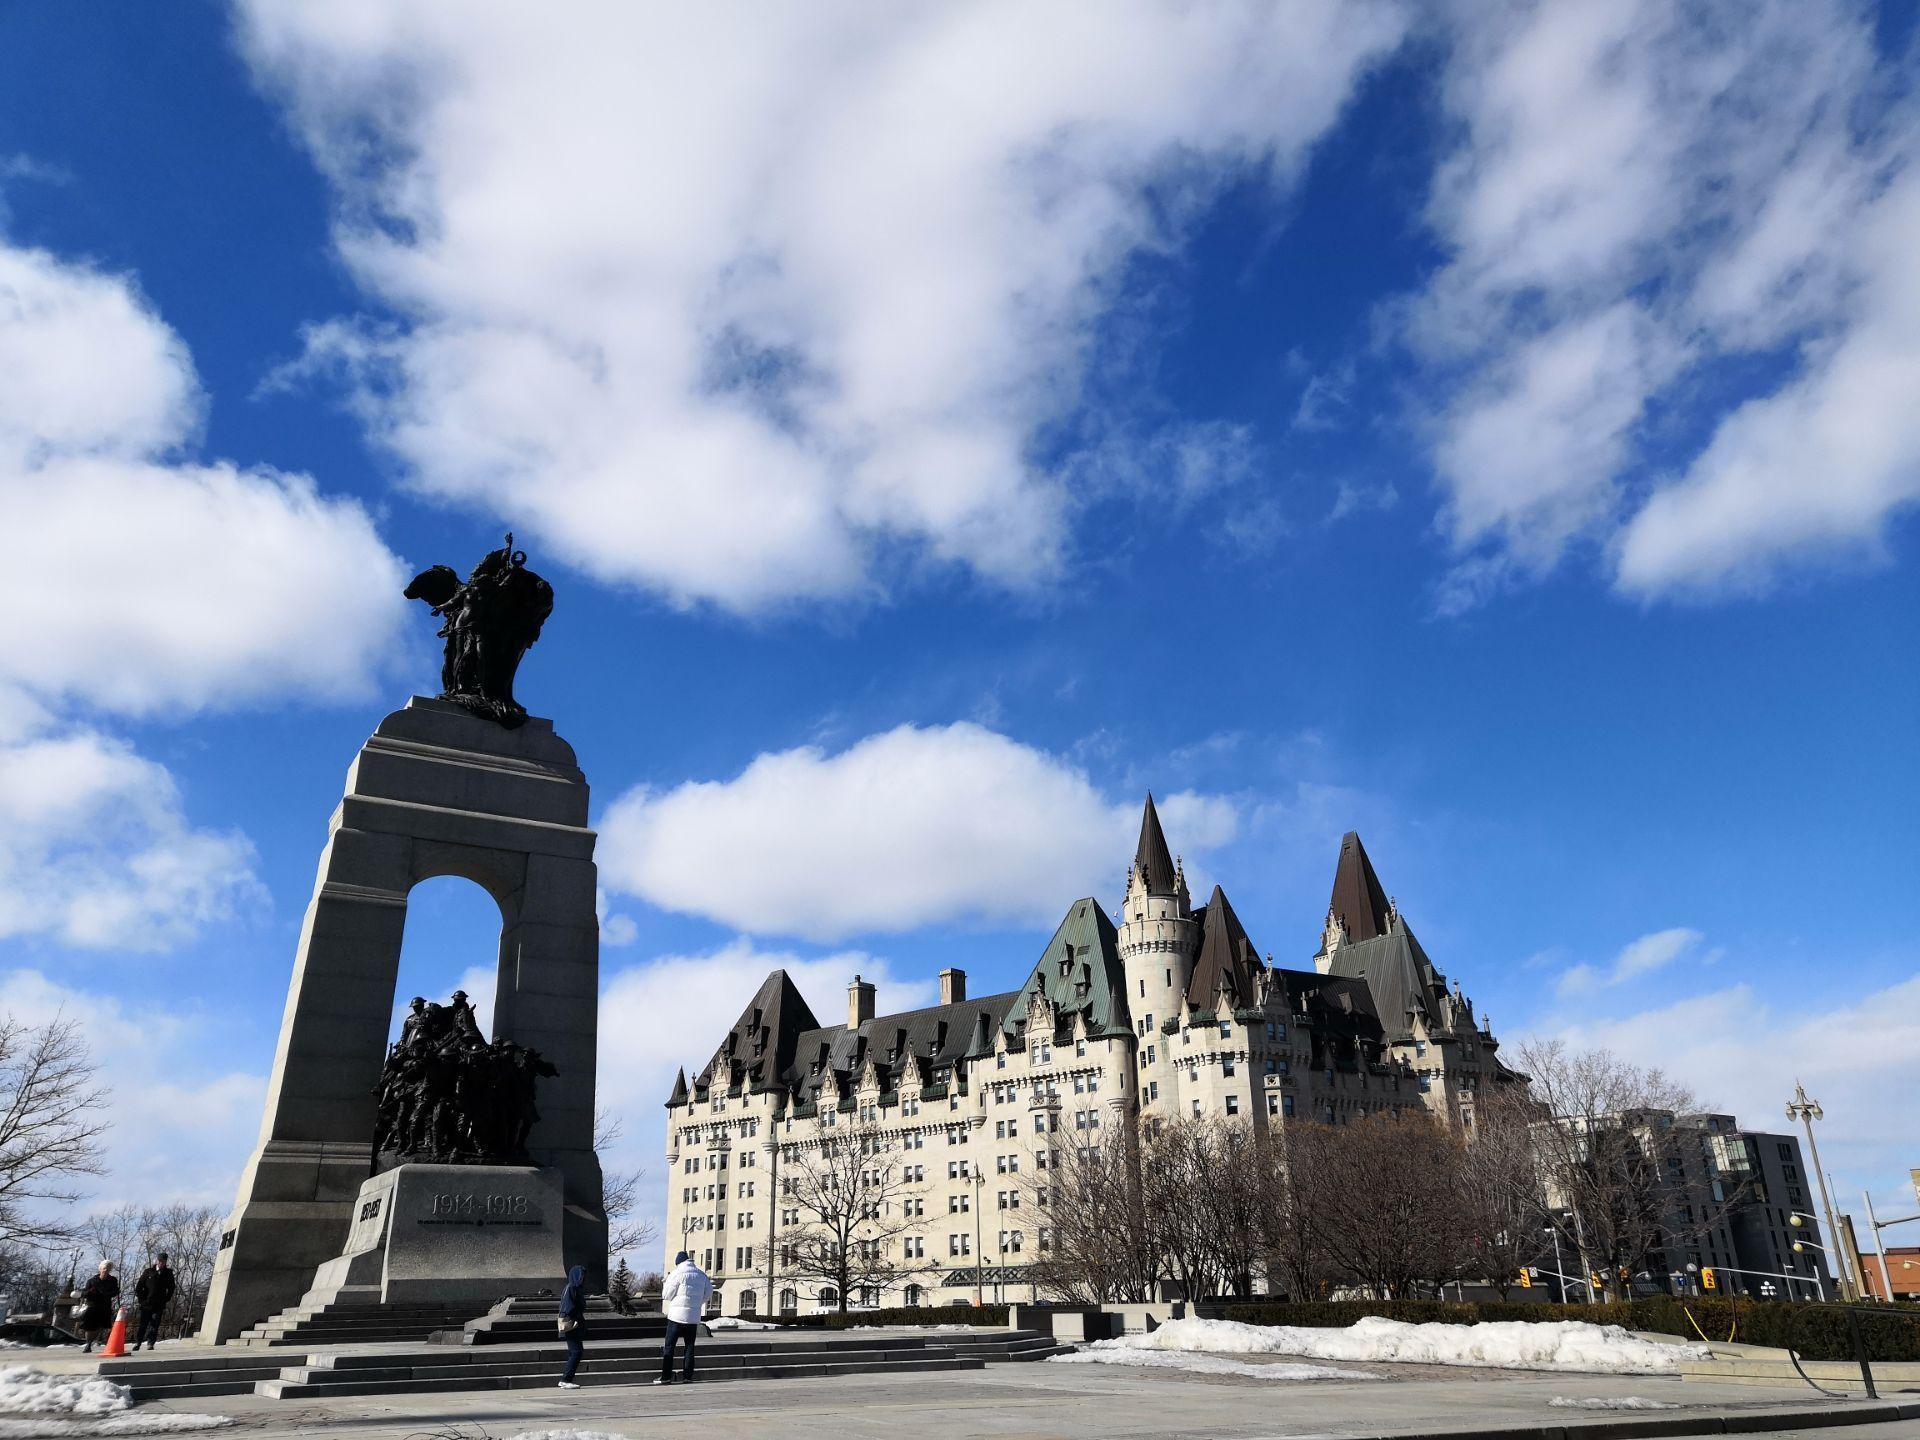 加拿大 渥太华 国家战争纪念碑